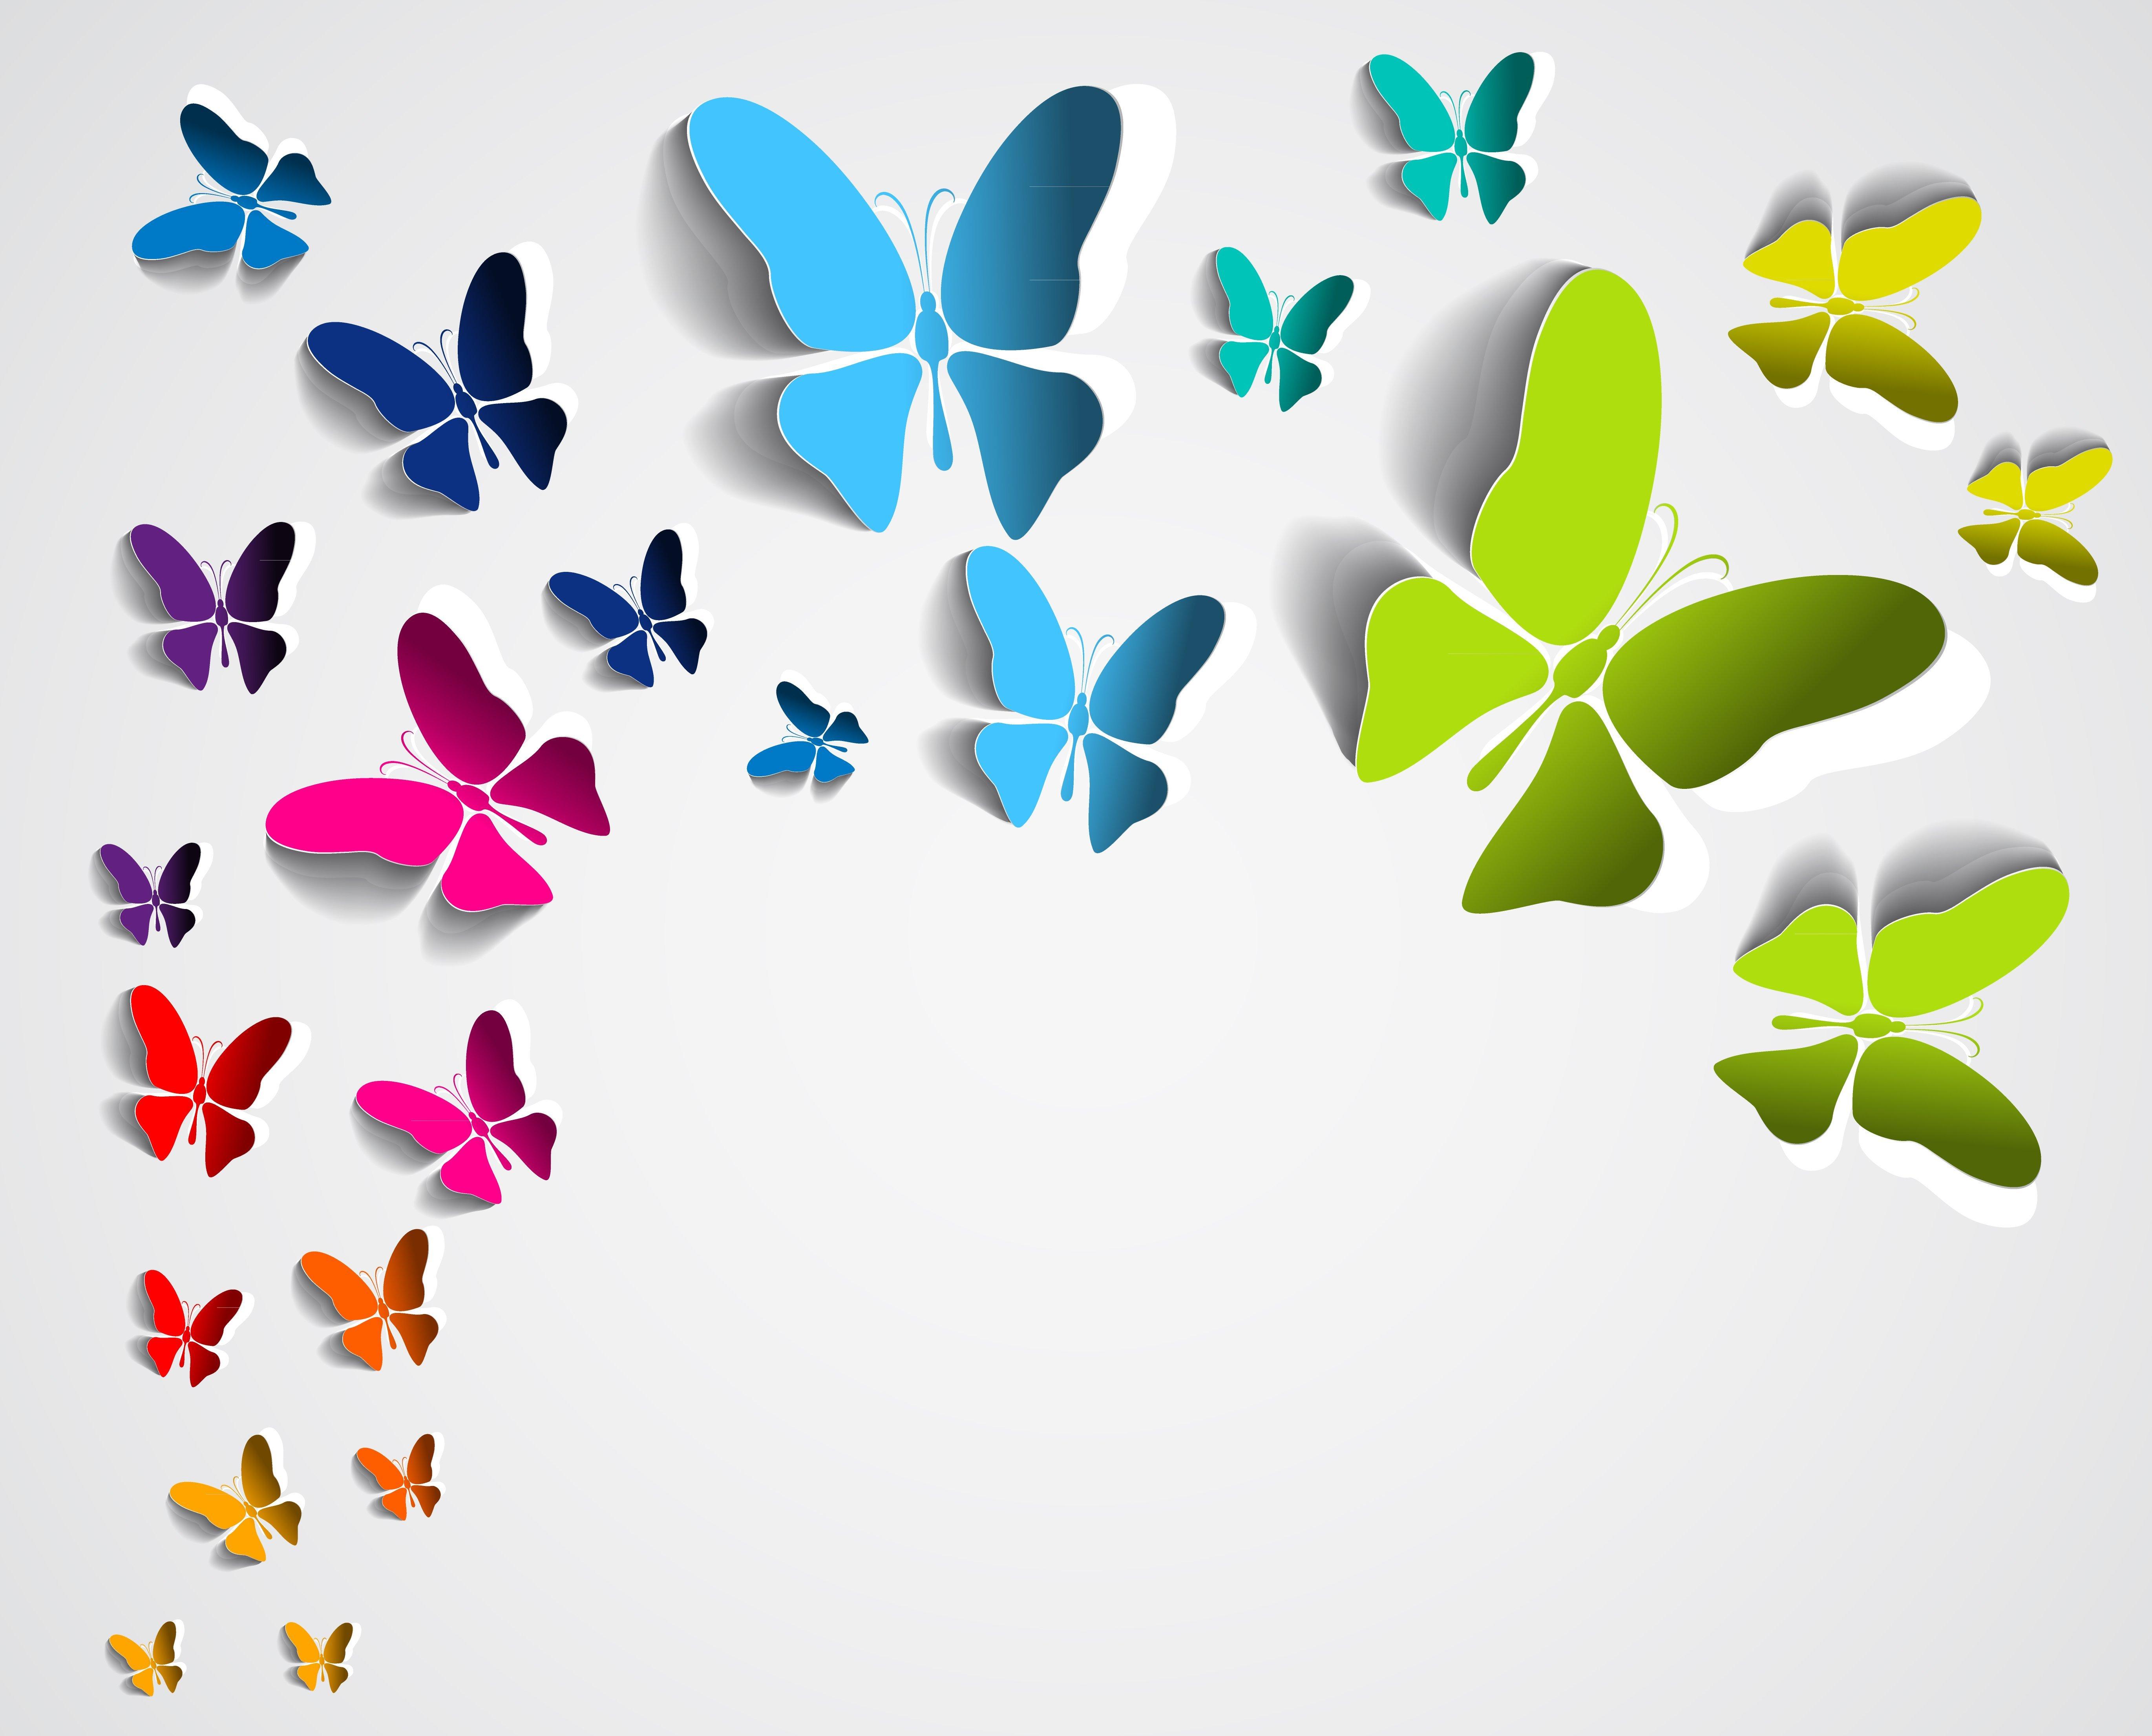 Бабочка картинка для открытки, роса цветах